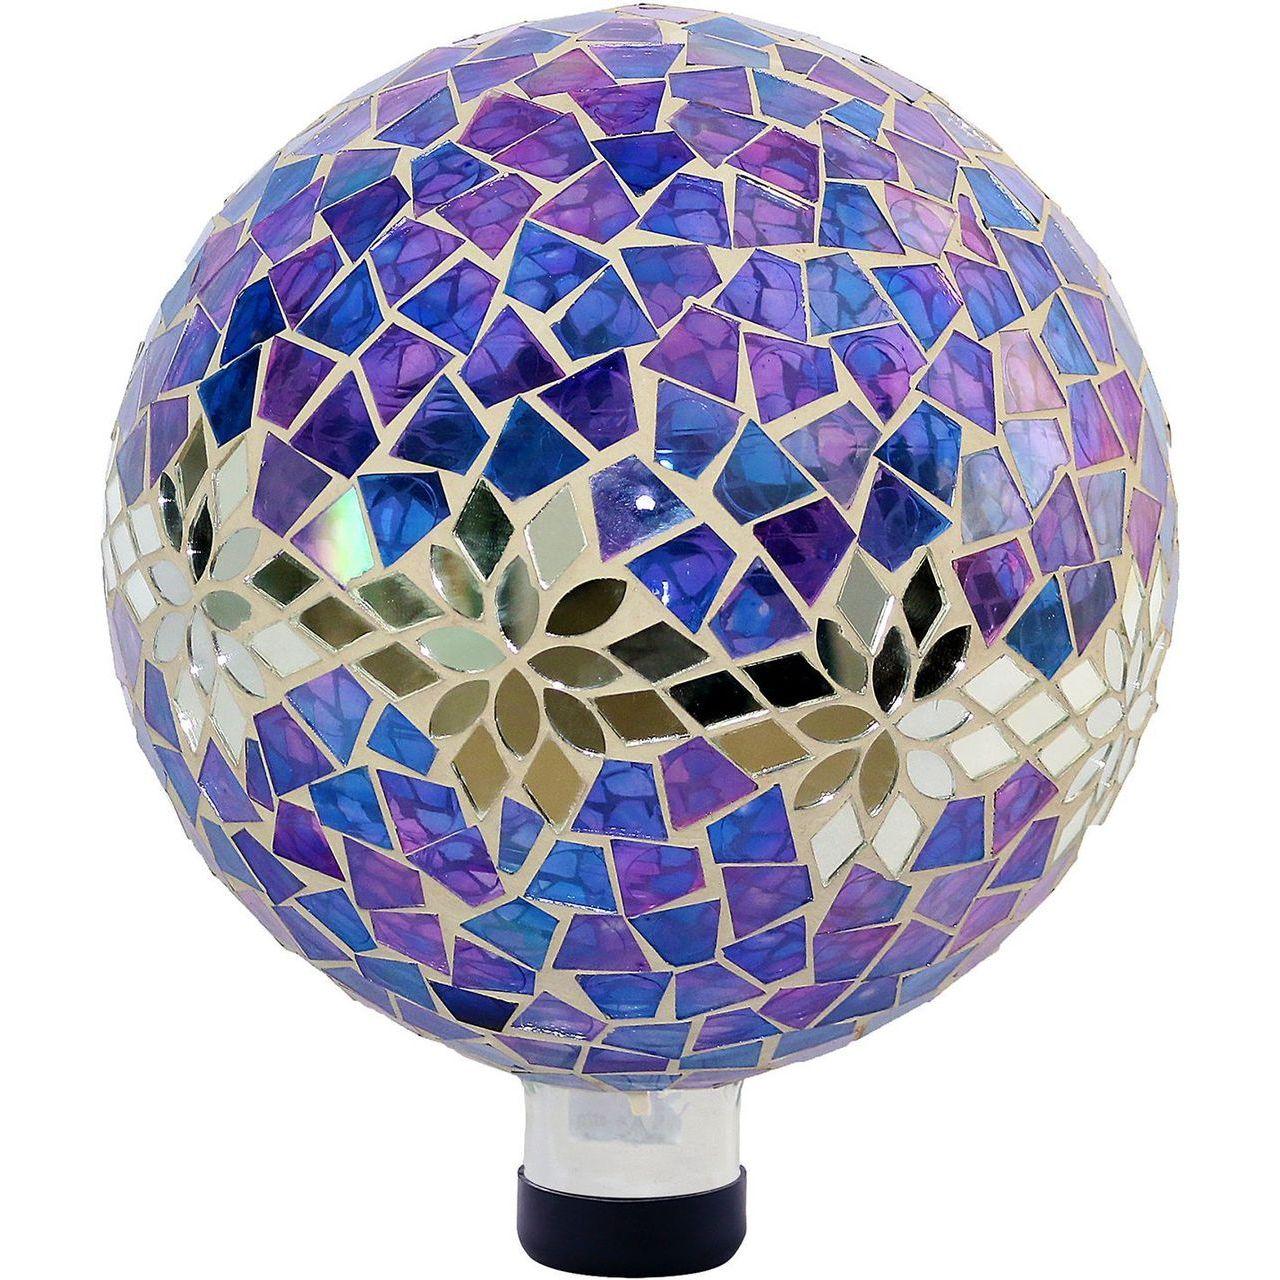 Alpine HGY296 Mosaic Glass Purple Gazing Globe